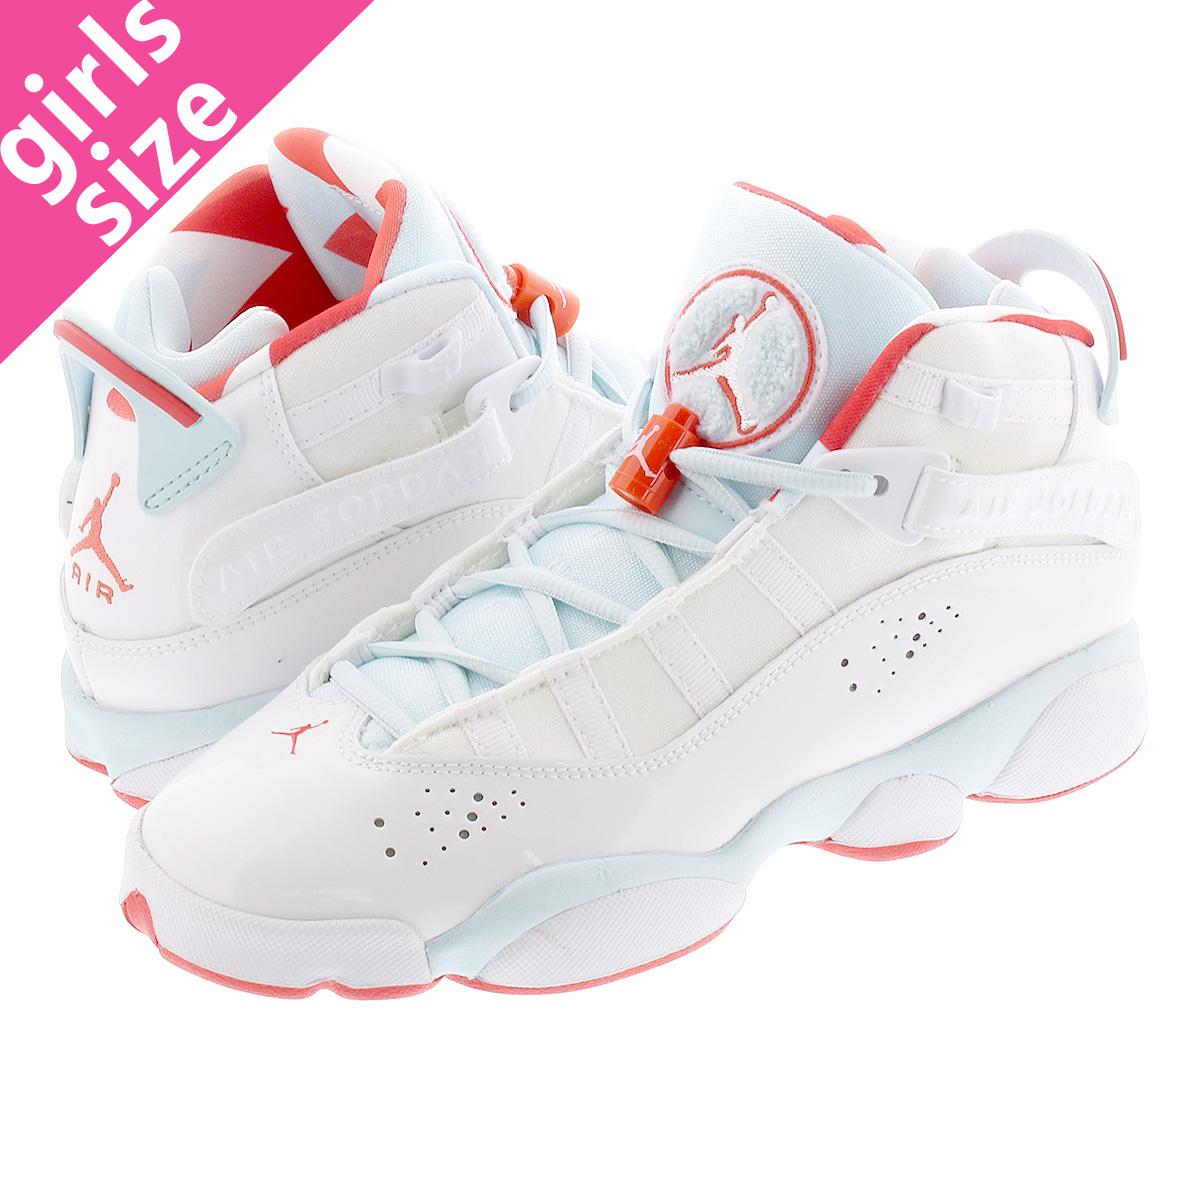 check out a2a0b b31ab NIKE AIR JORDAN 6 RINGS GS Nike Air Jordan 6 RINGS Co.,Ltd. GS WHITE/EMBER  GLOW/TOPAZ MIST 323,399-104